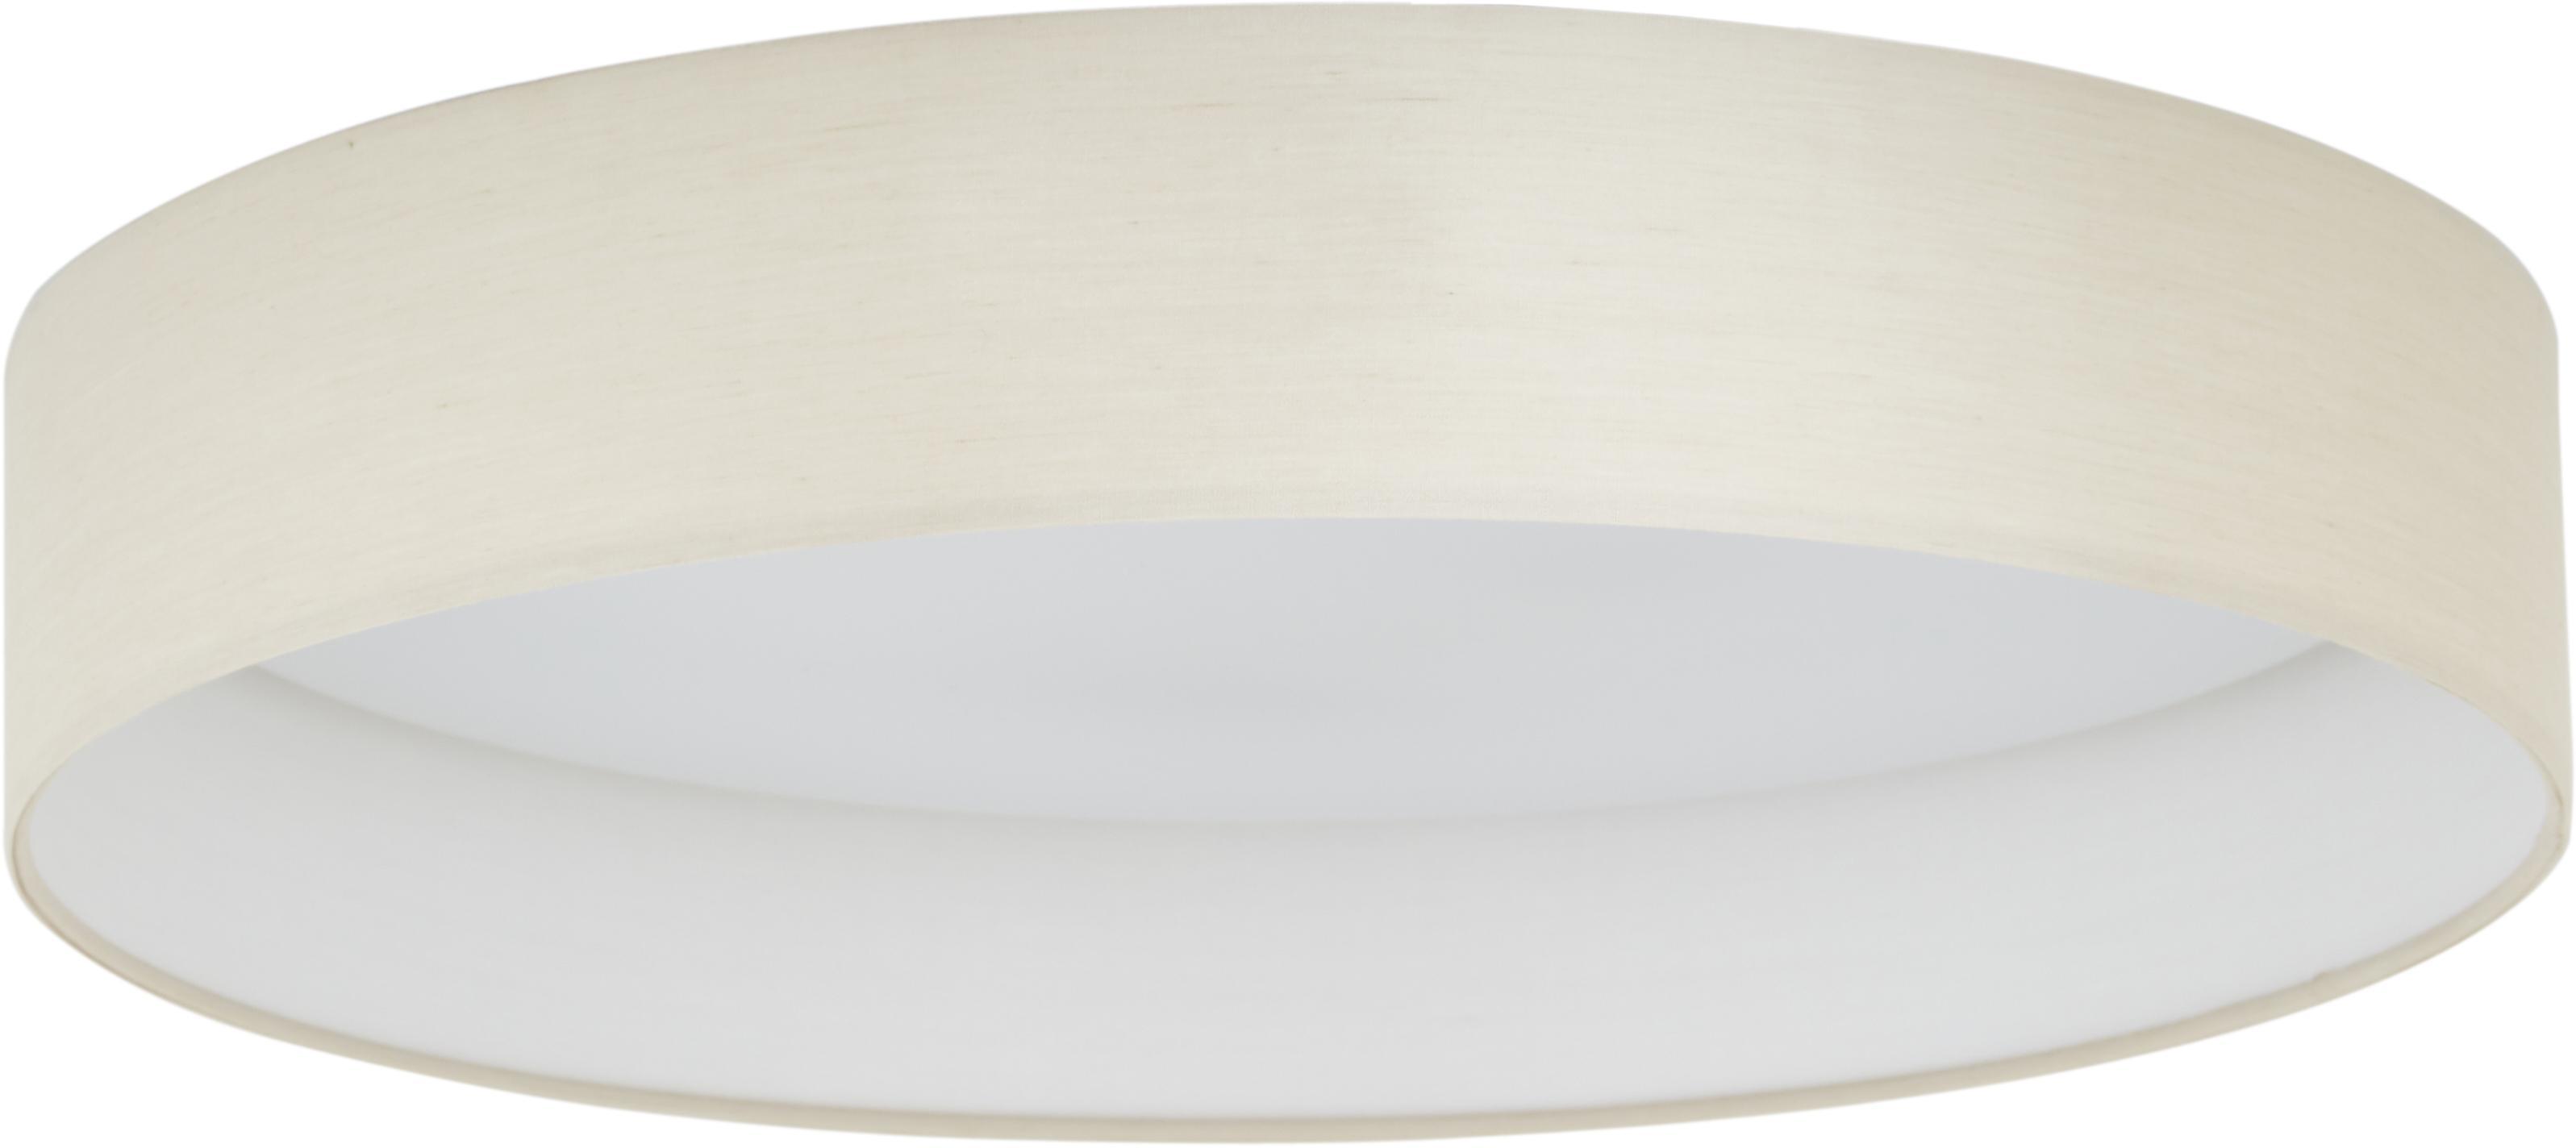 LED plafondlamp Helen, Frame: metaal, Diffuser: kunststof, Taupe, Ø 52 x H 11 cm